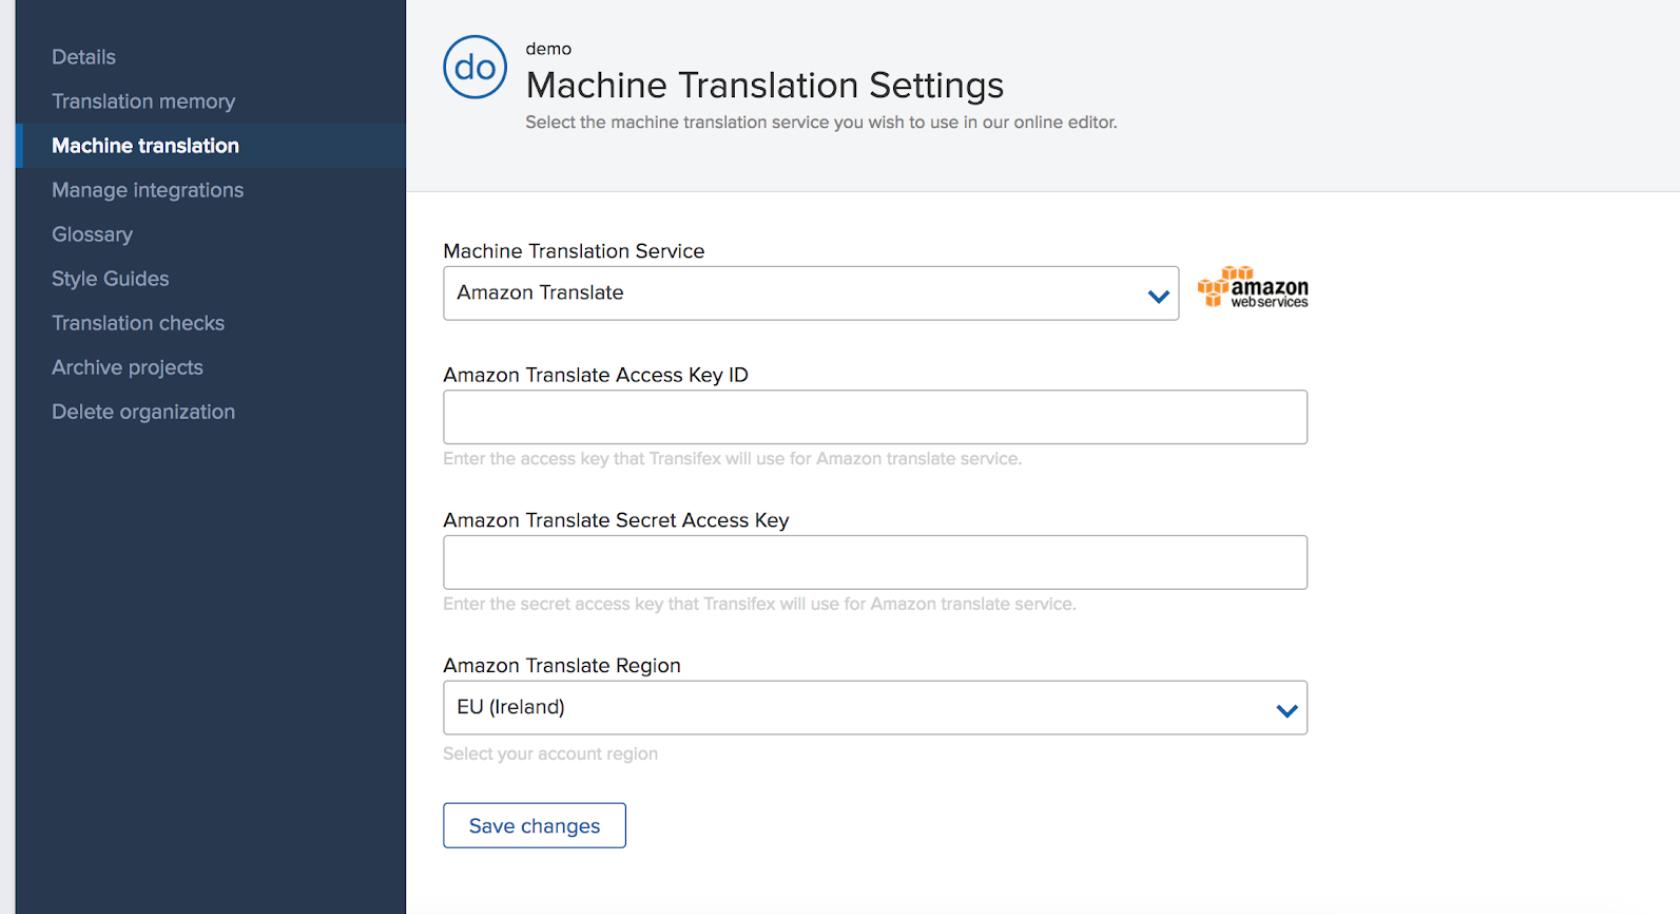 Transifex settings for machine translation - Amazon Translate